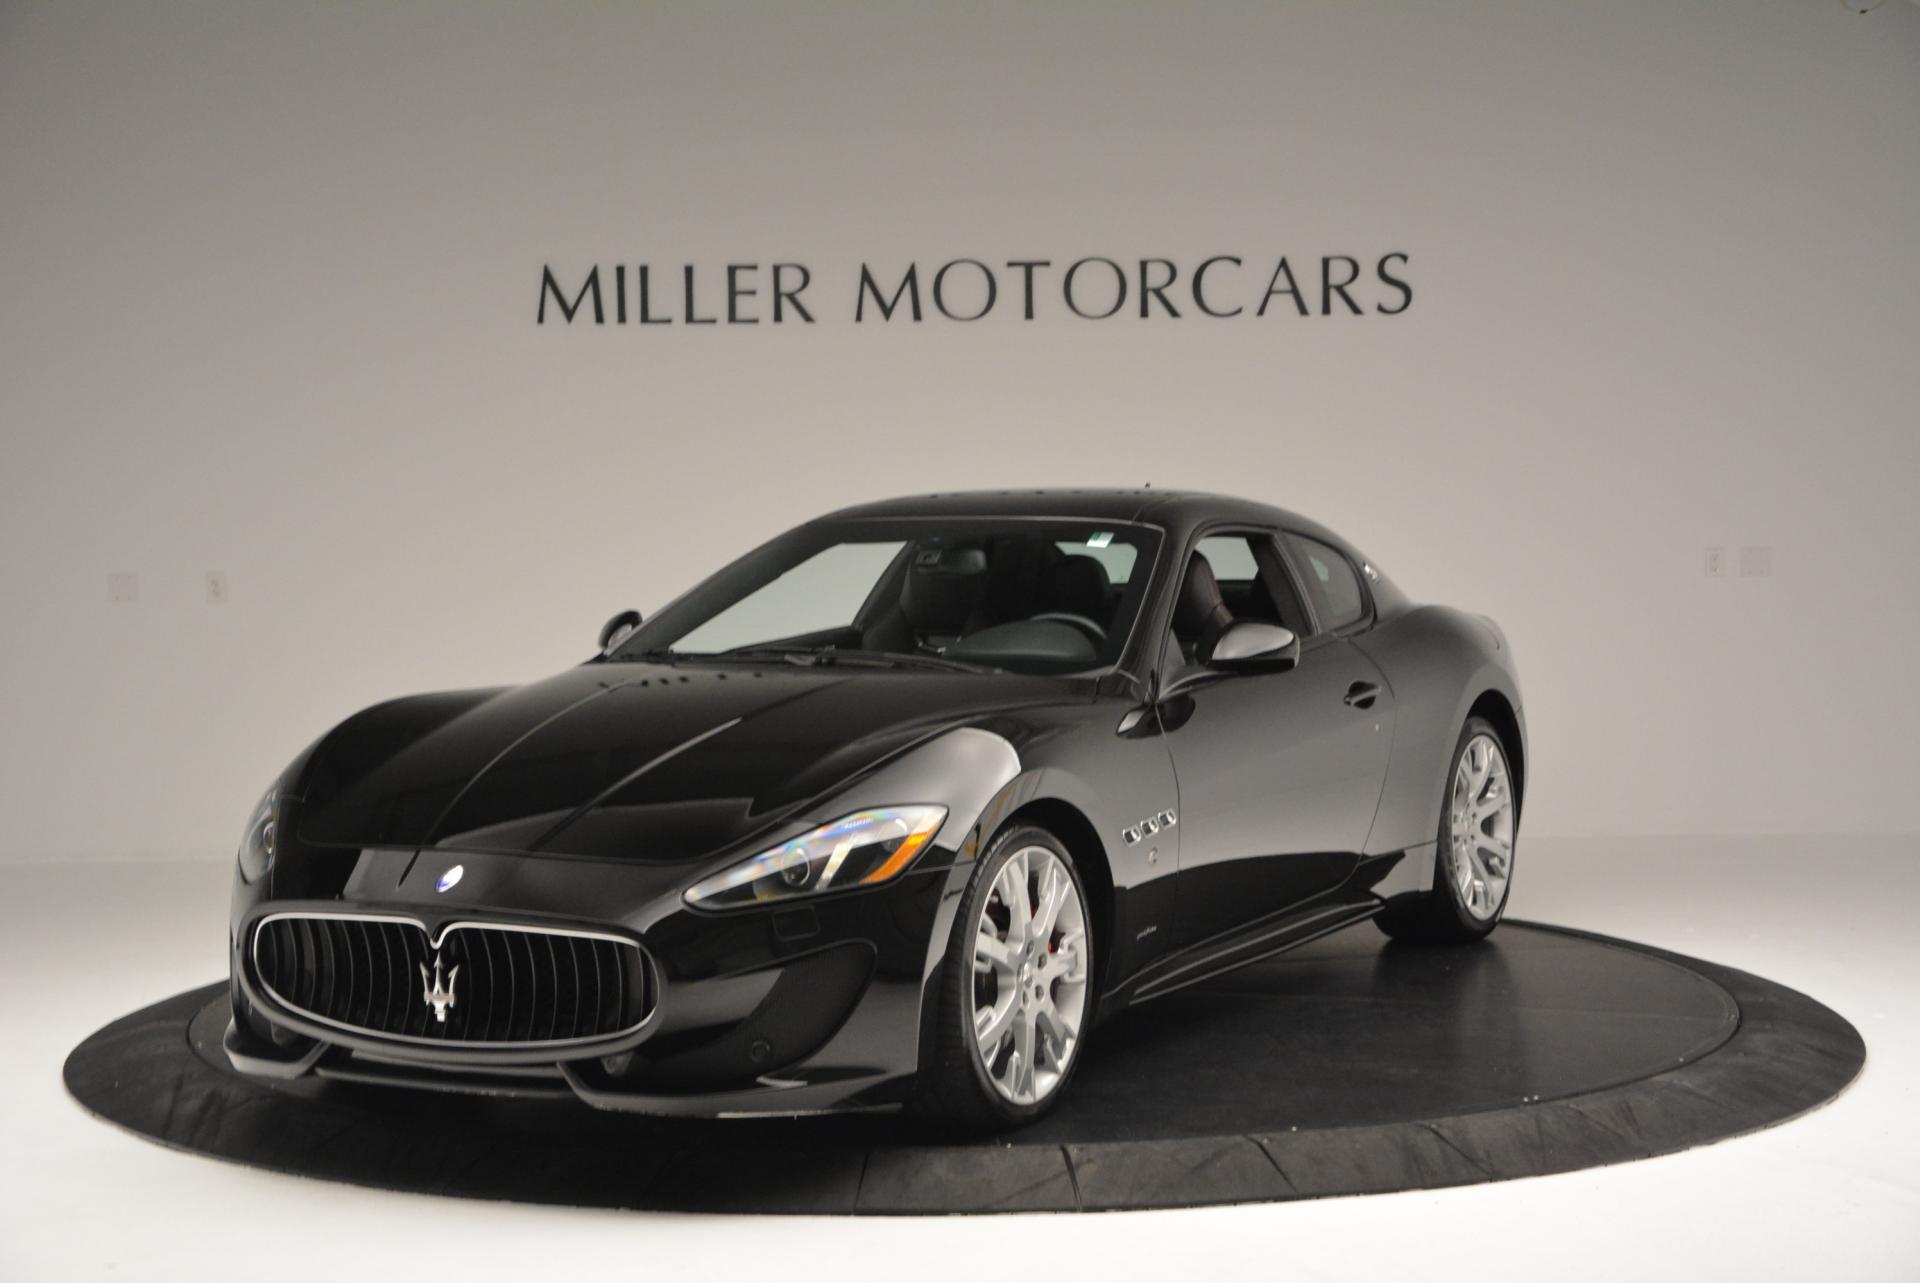 Used 2013 Maserati GranTurismo Sport for sale Sold at Aston Martin of Greenwich in Greenwich CT 06830 1